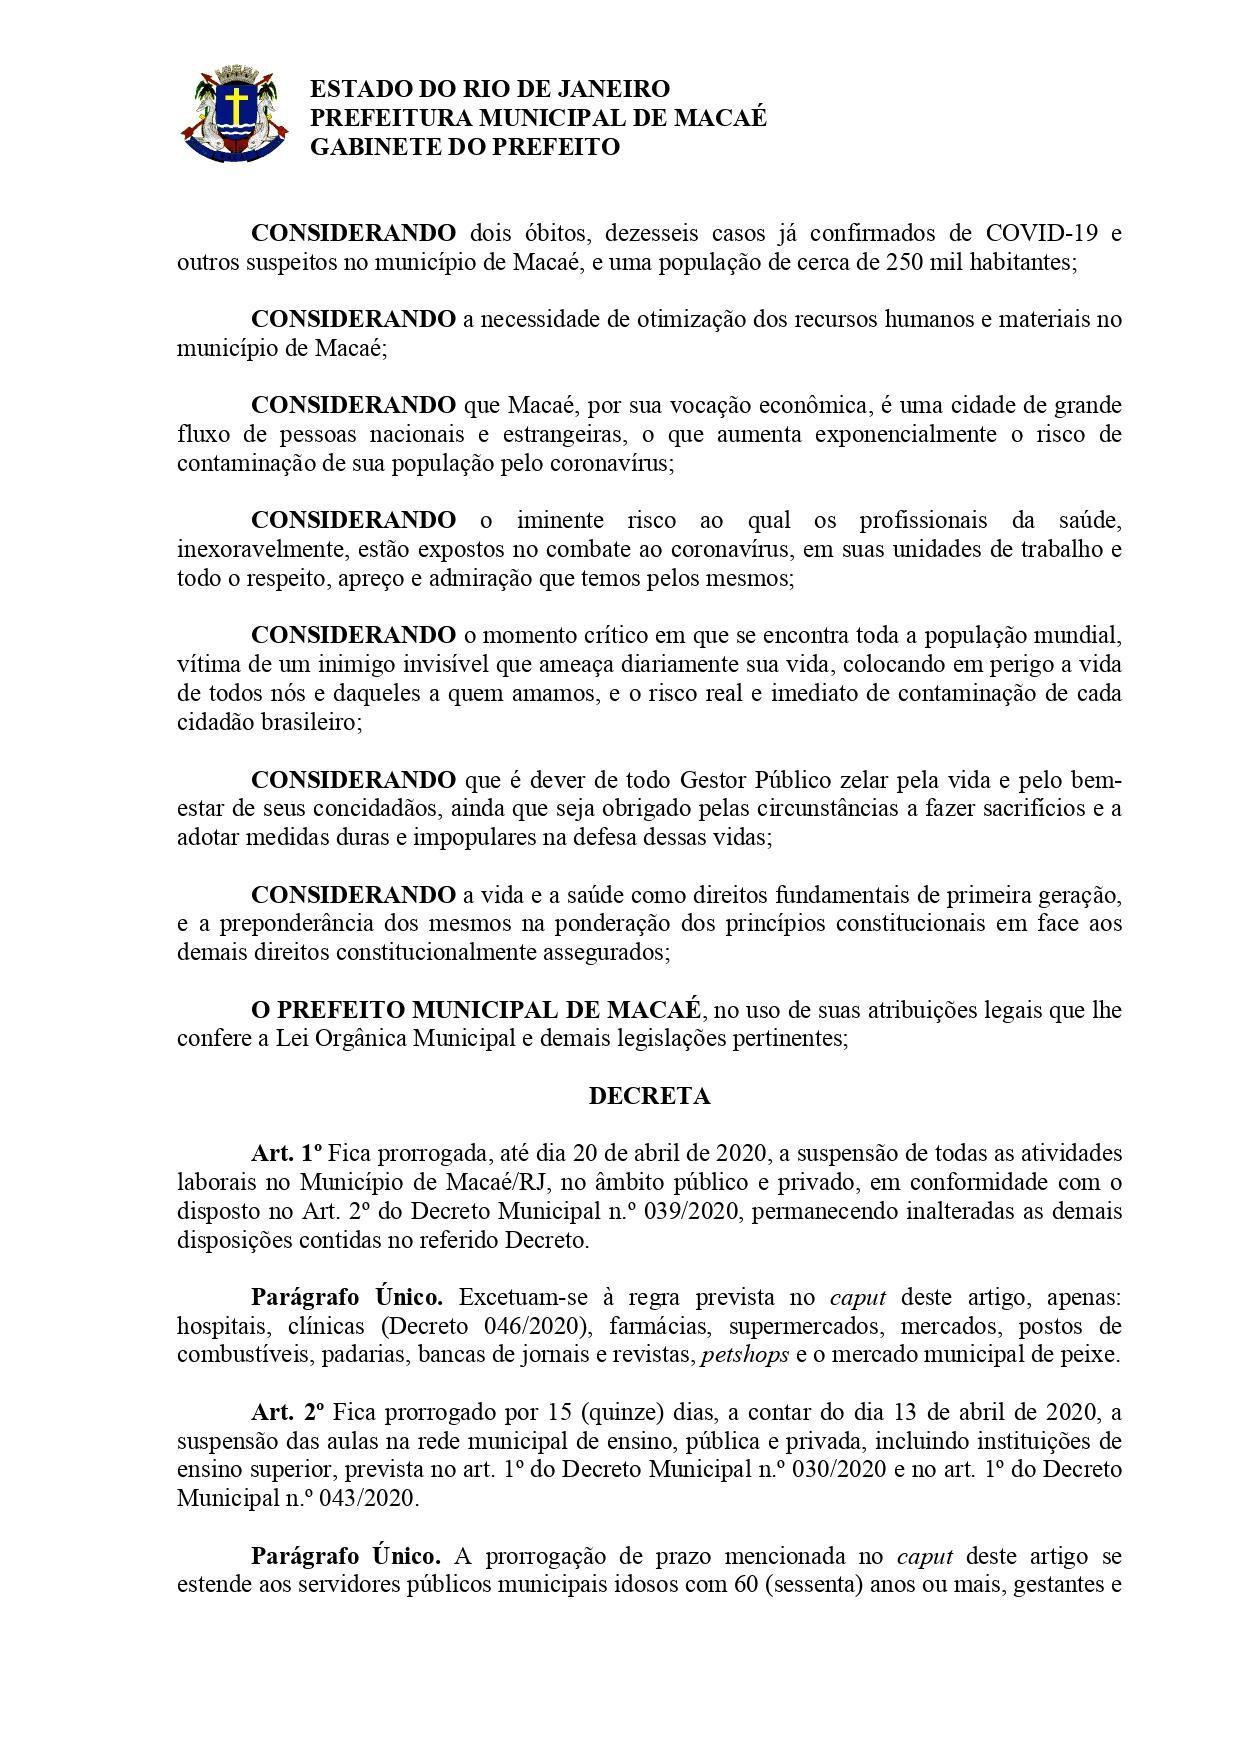 Decreto 050/2020 editado quinta-feira (09) pela Prefeitura de Macaé, prorroga para o dia 20/04 a suspenção das atividades laborais no município.